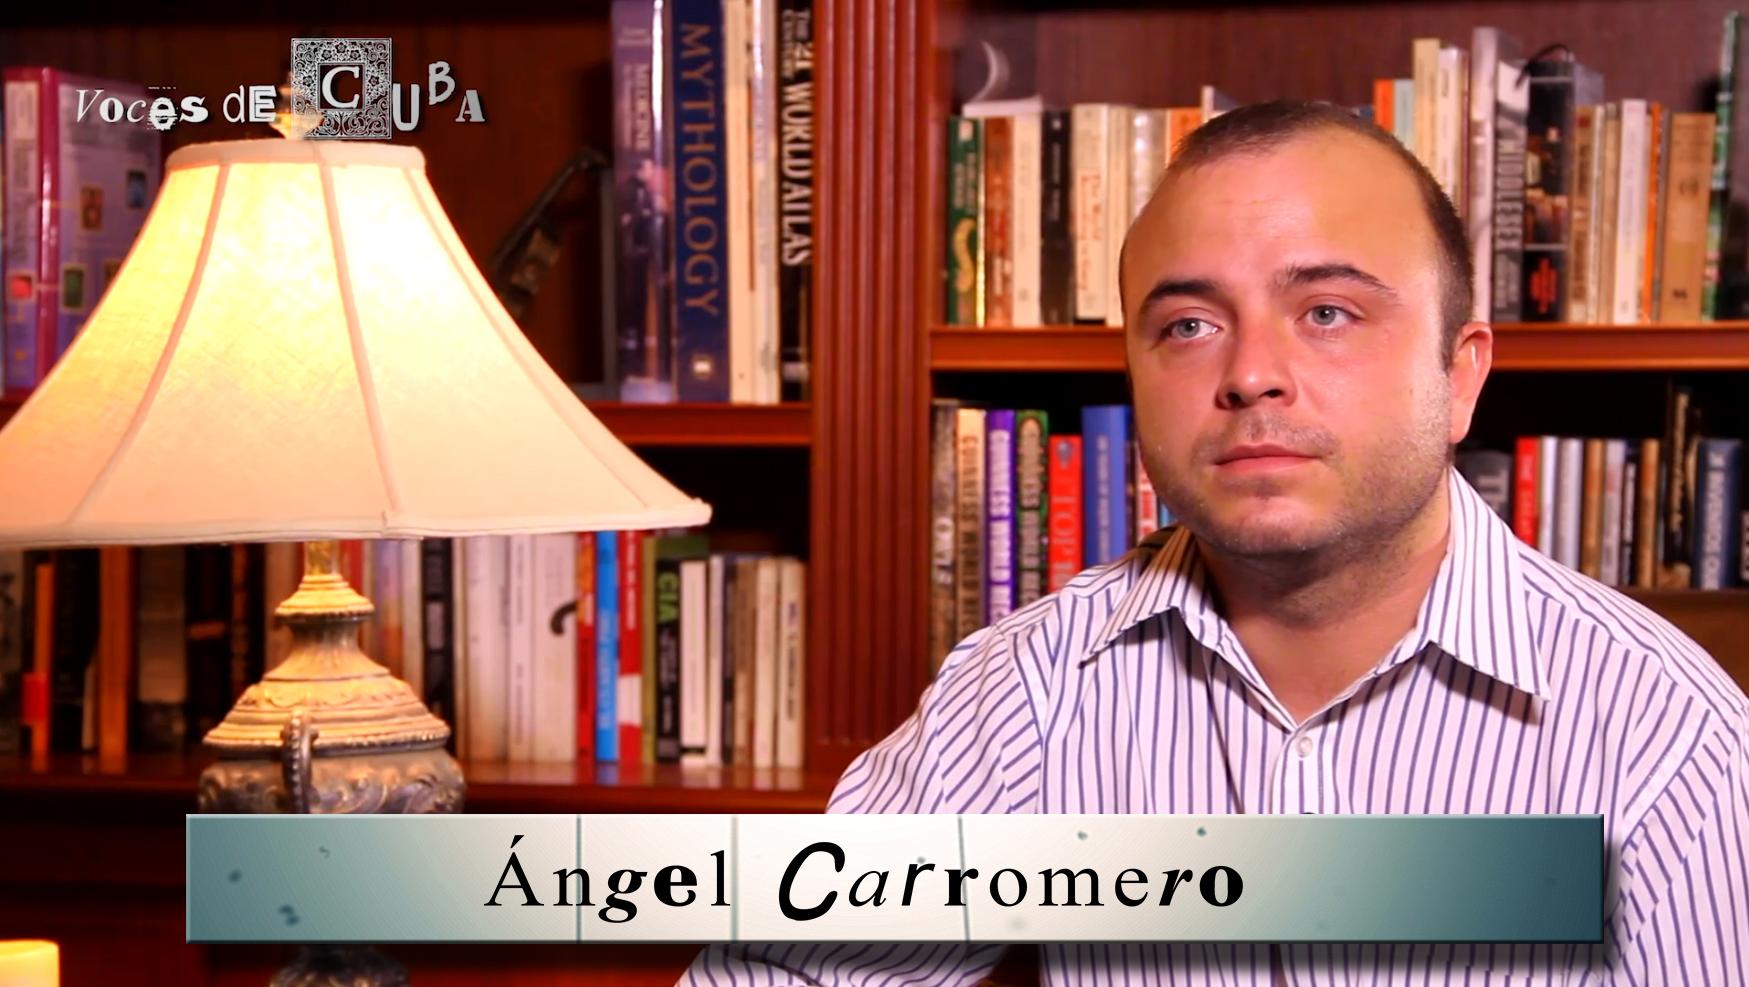 CARROMERO.jpg